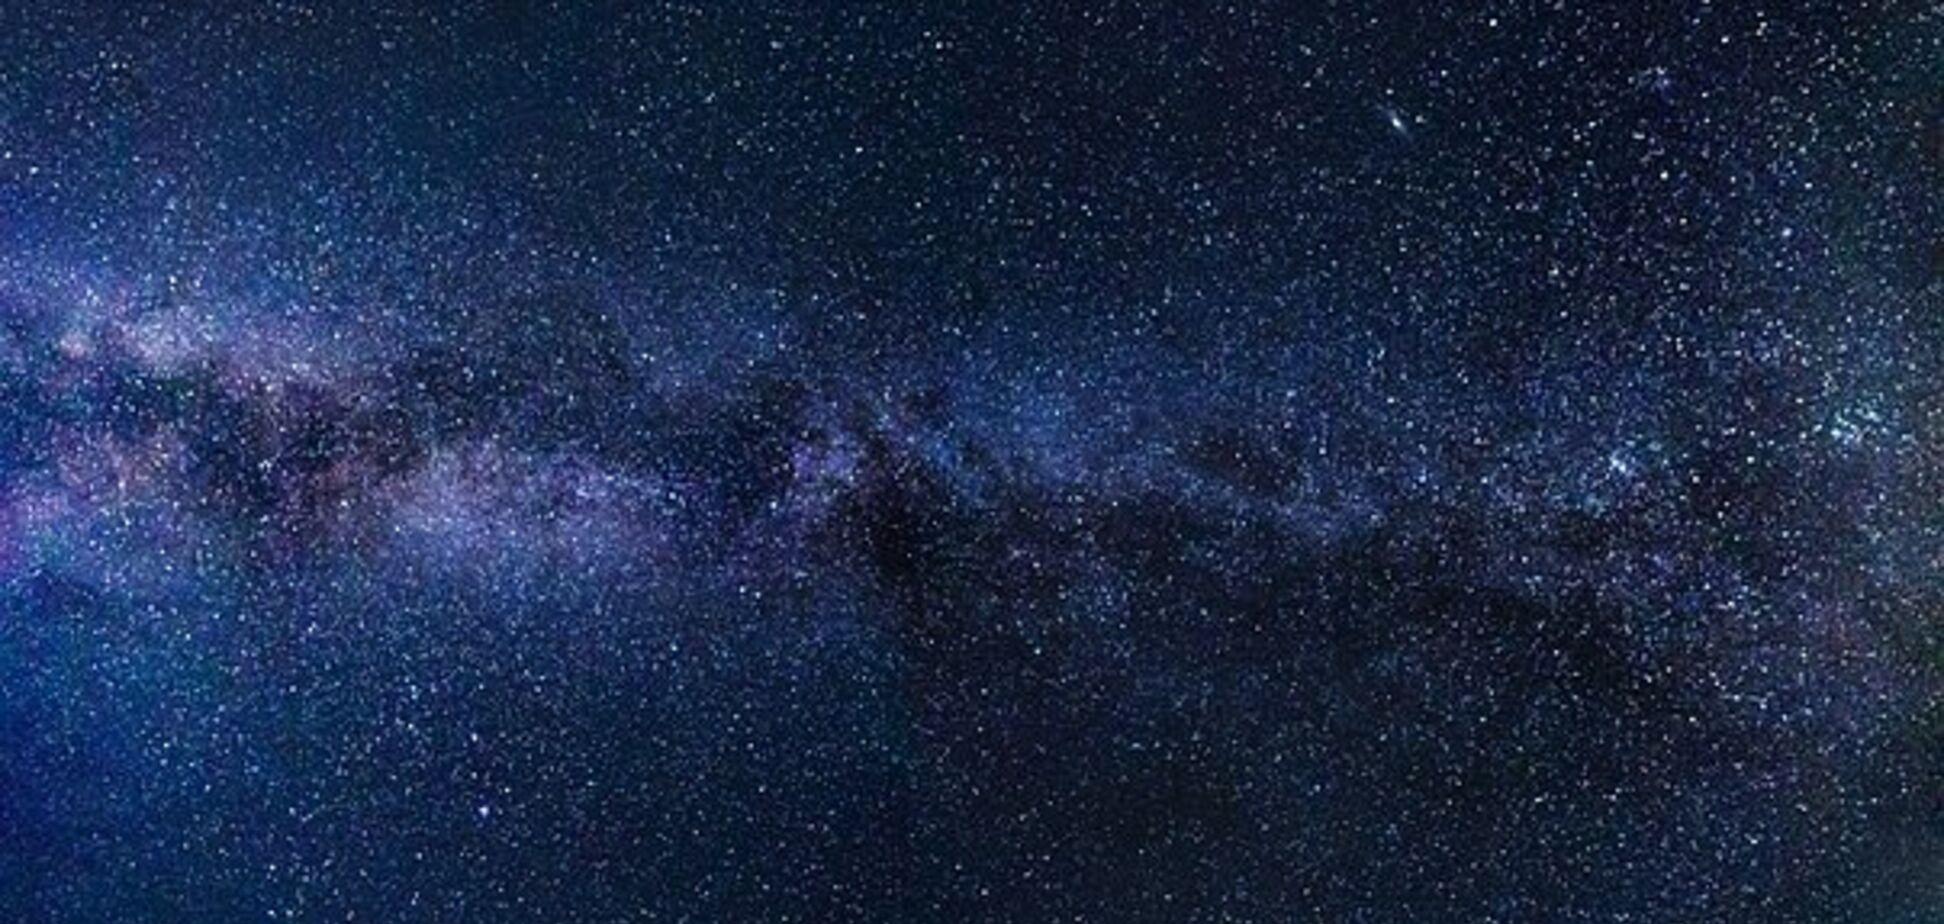 У космосі сфотографували галактику 'зіркових вибухів'